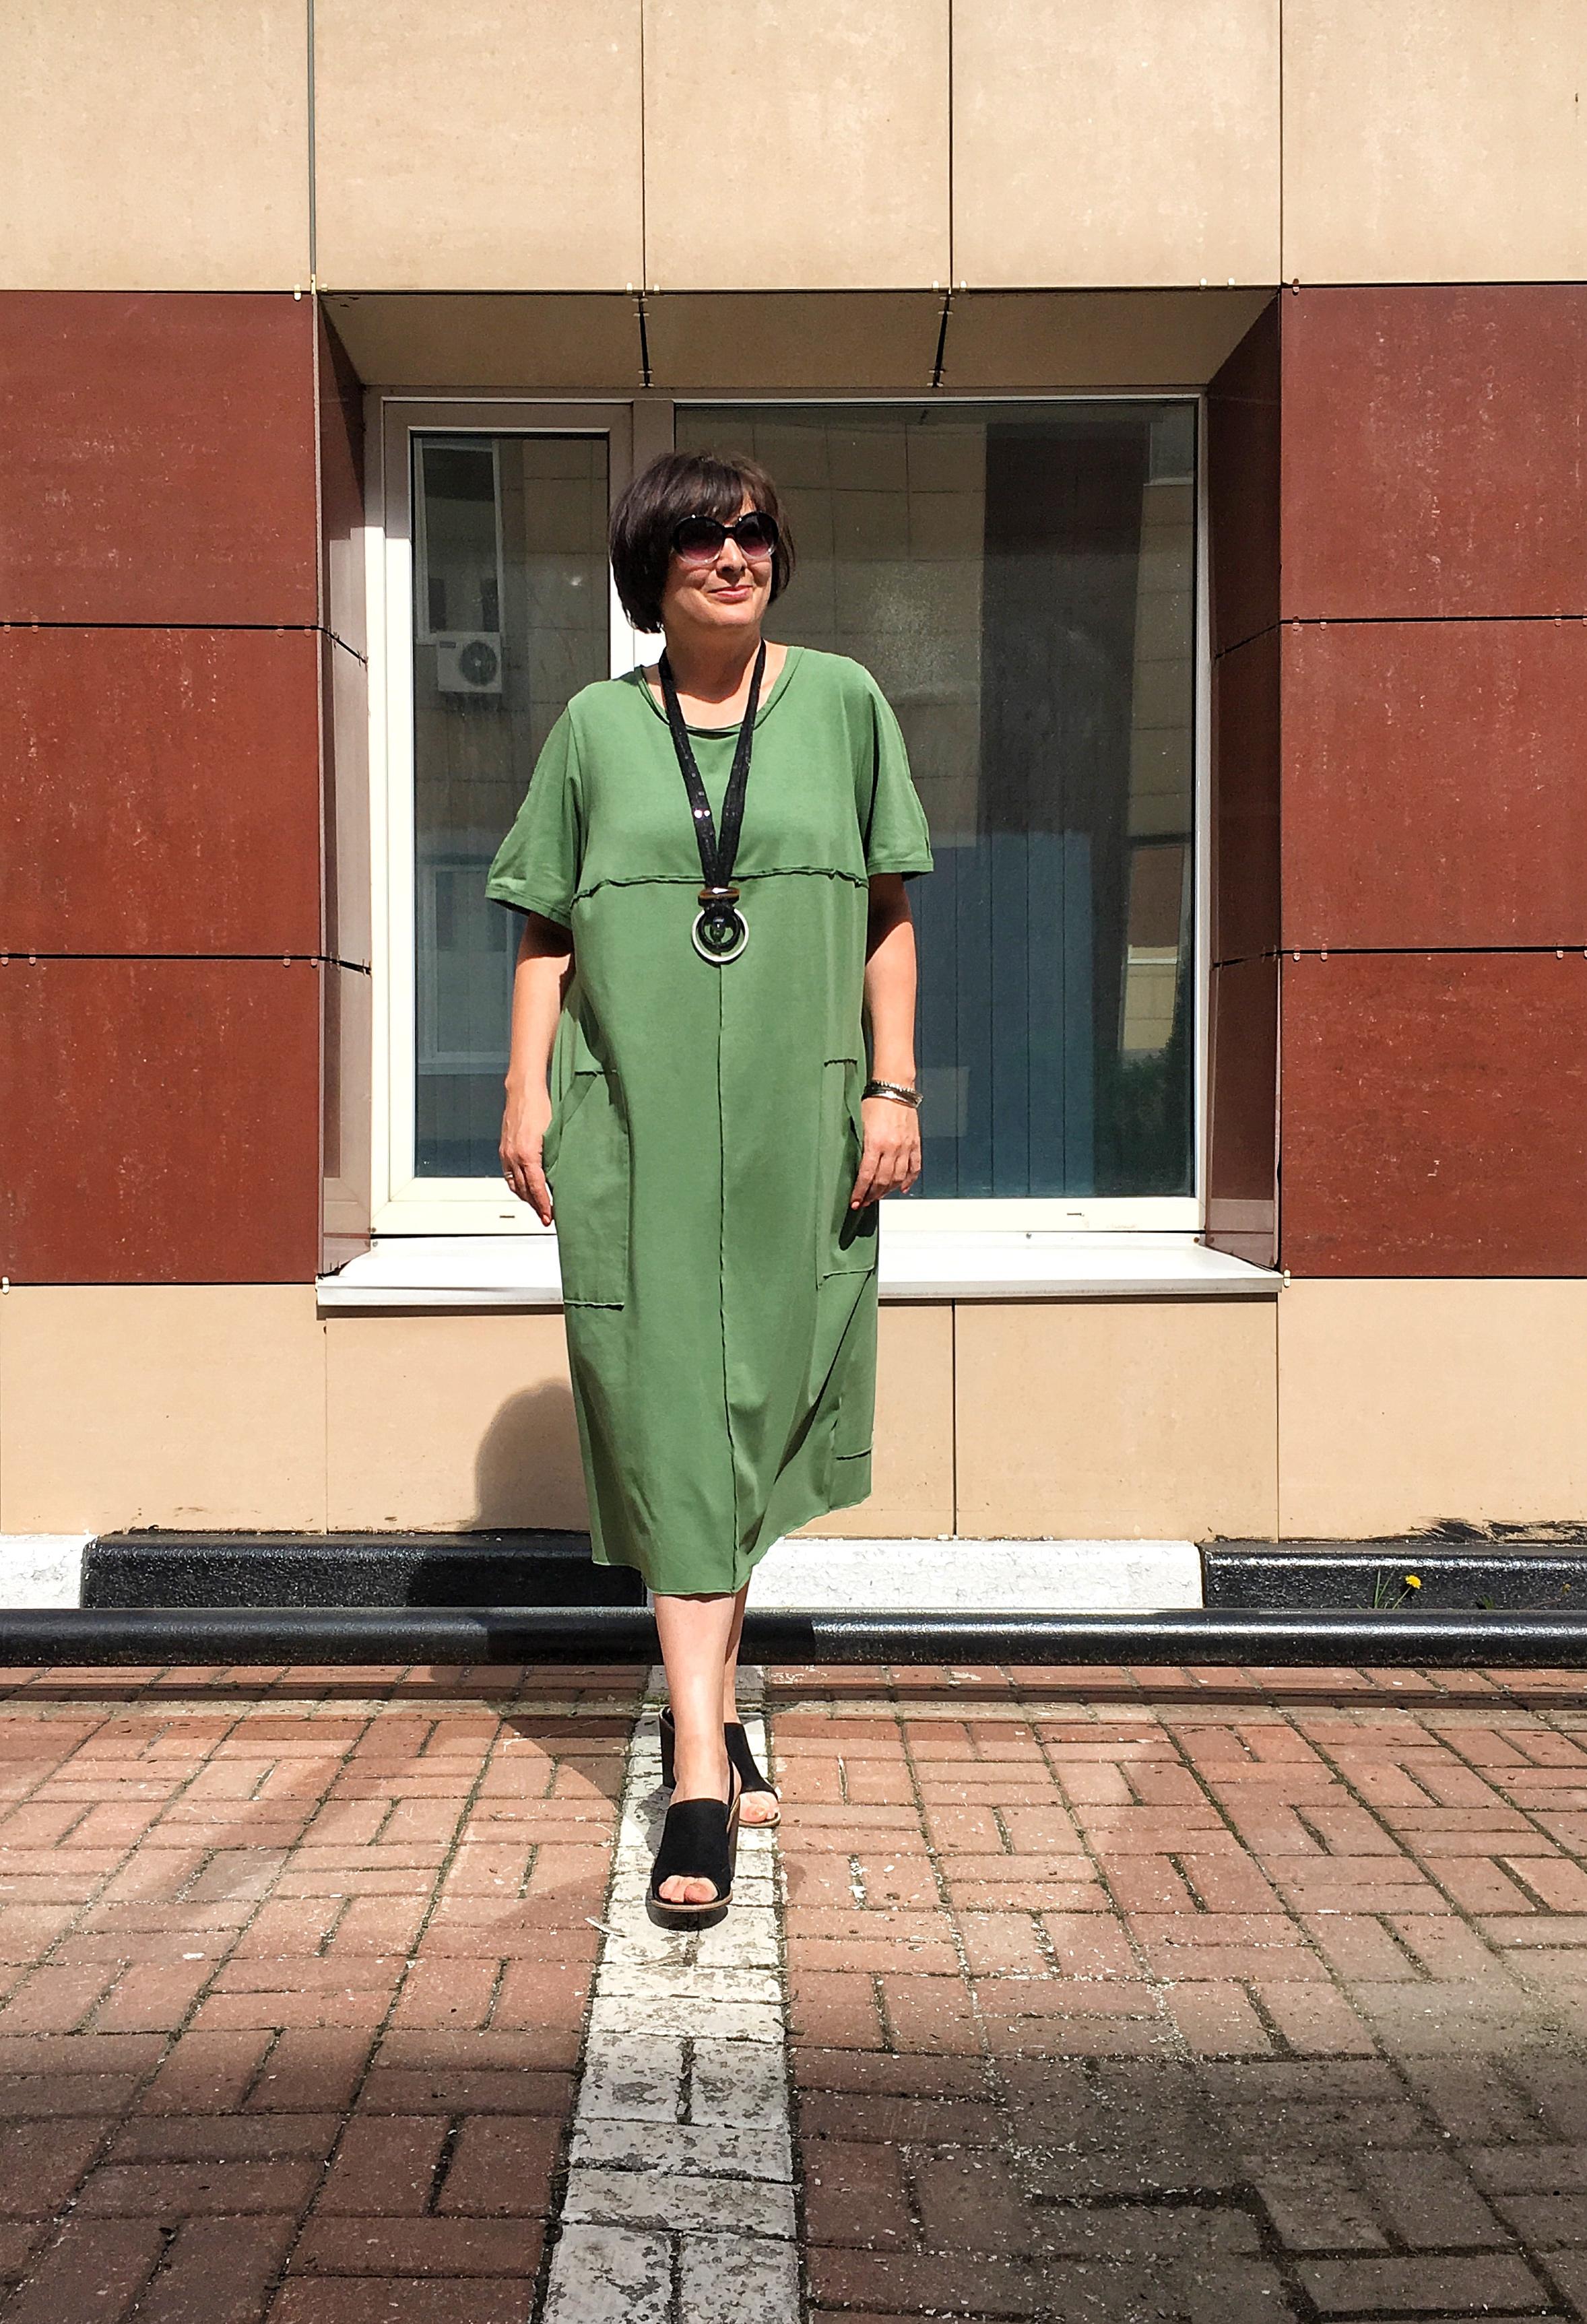 f78a4cc0c0f7 Платья прямого кроя из хлопка. Размер 46-56. Цена 4000Р #бохо #для_полных  #одежда_больших_размеров #бохо_стиль #шоурум